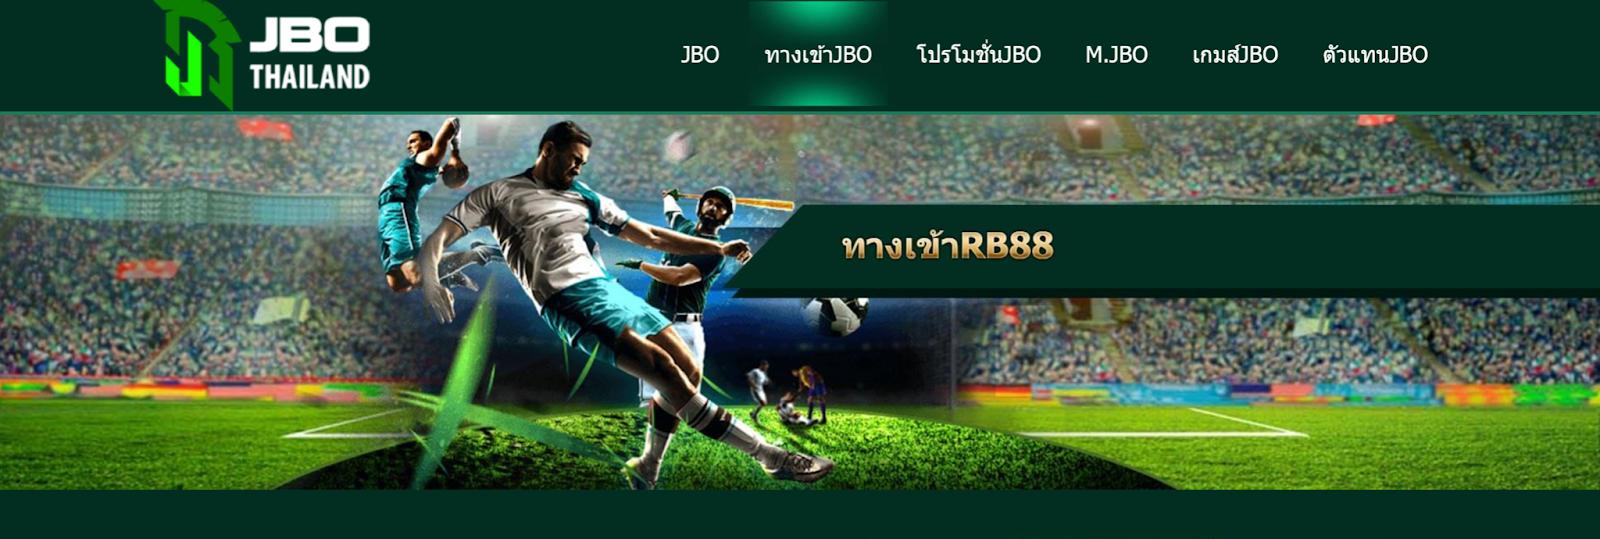 JBO THAILAND เว็บคาสิโนออนไลน์